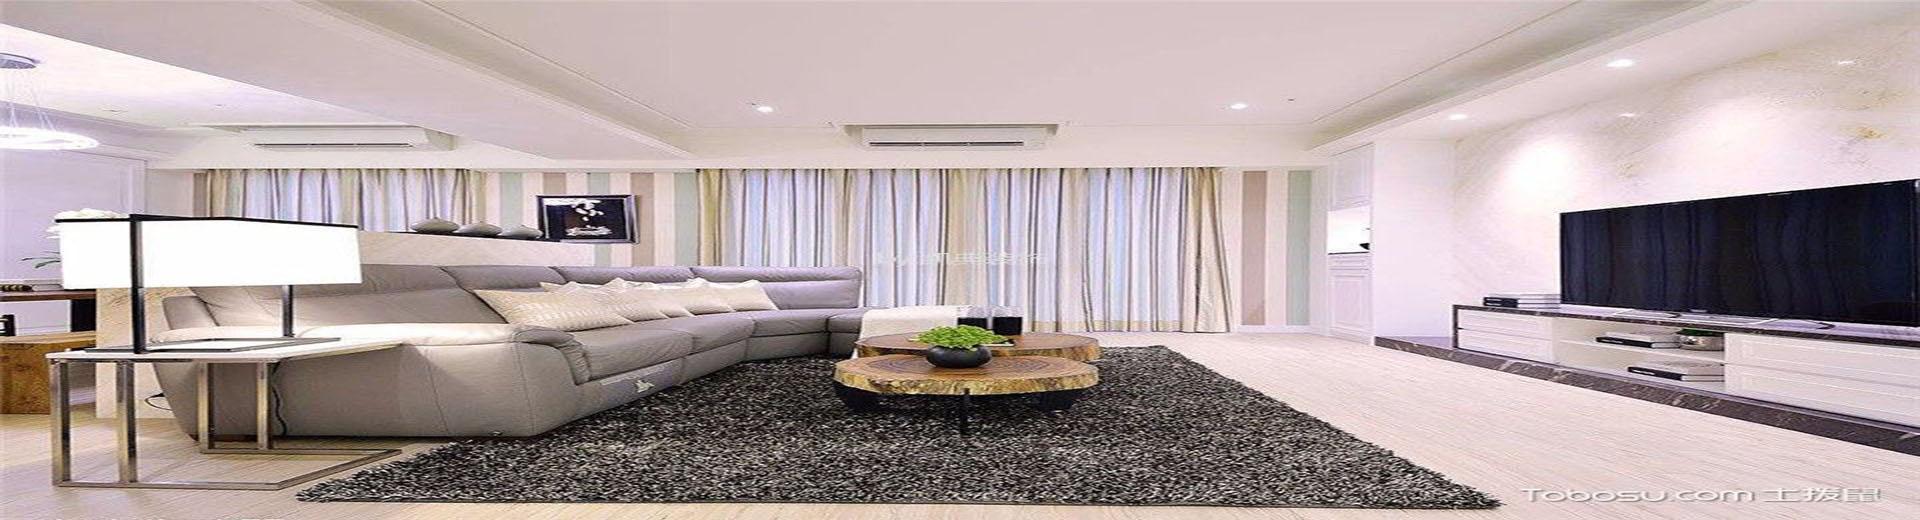 80平米二居室簡約風格新房裝修效果圖